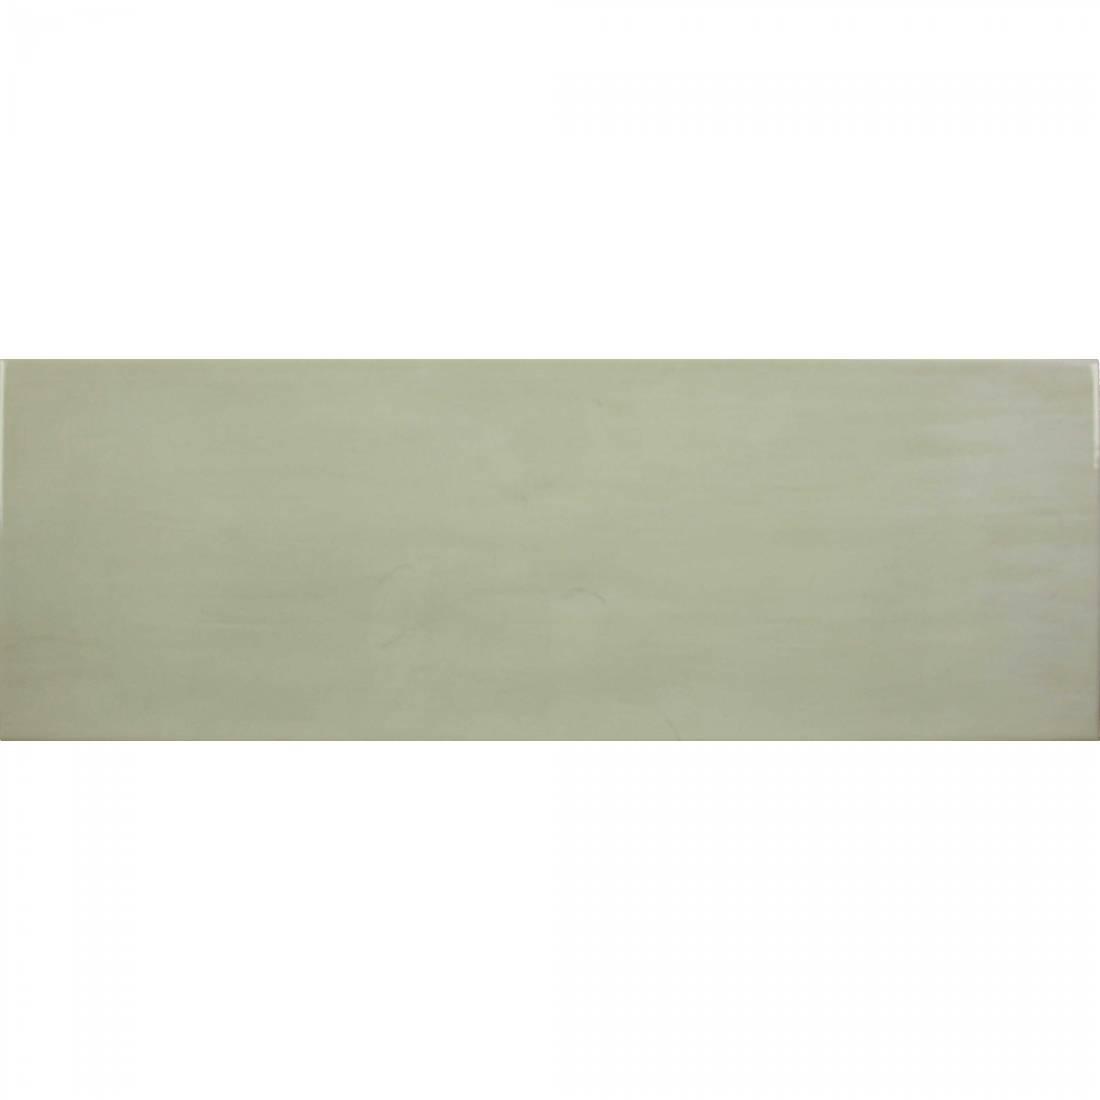 Arlette 21.4x61 Vision Gloss 1